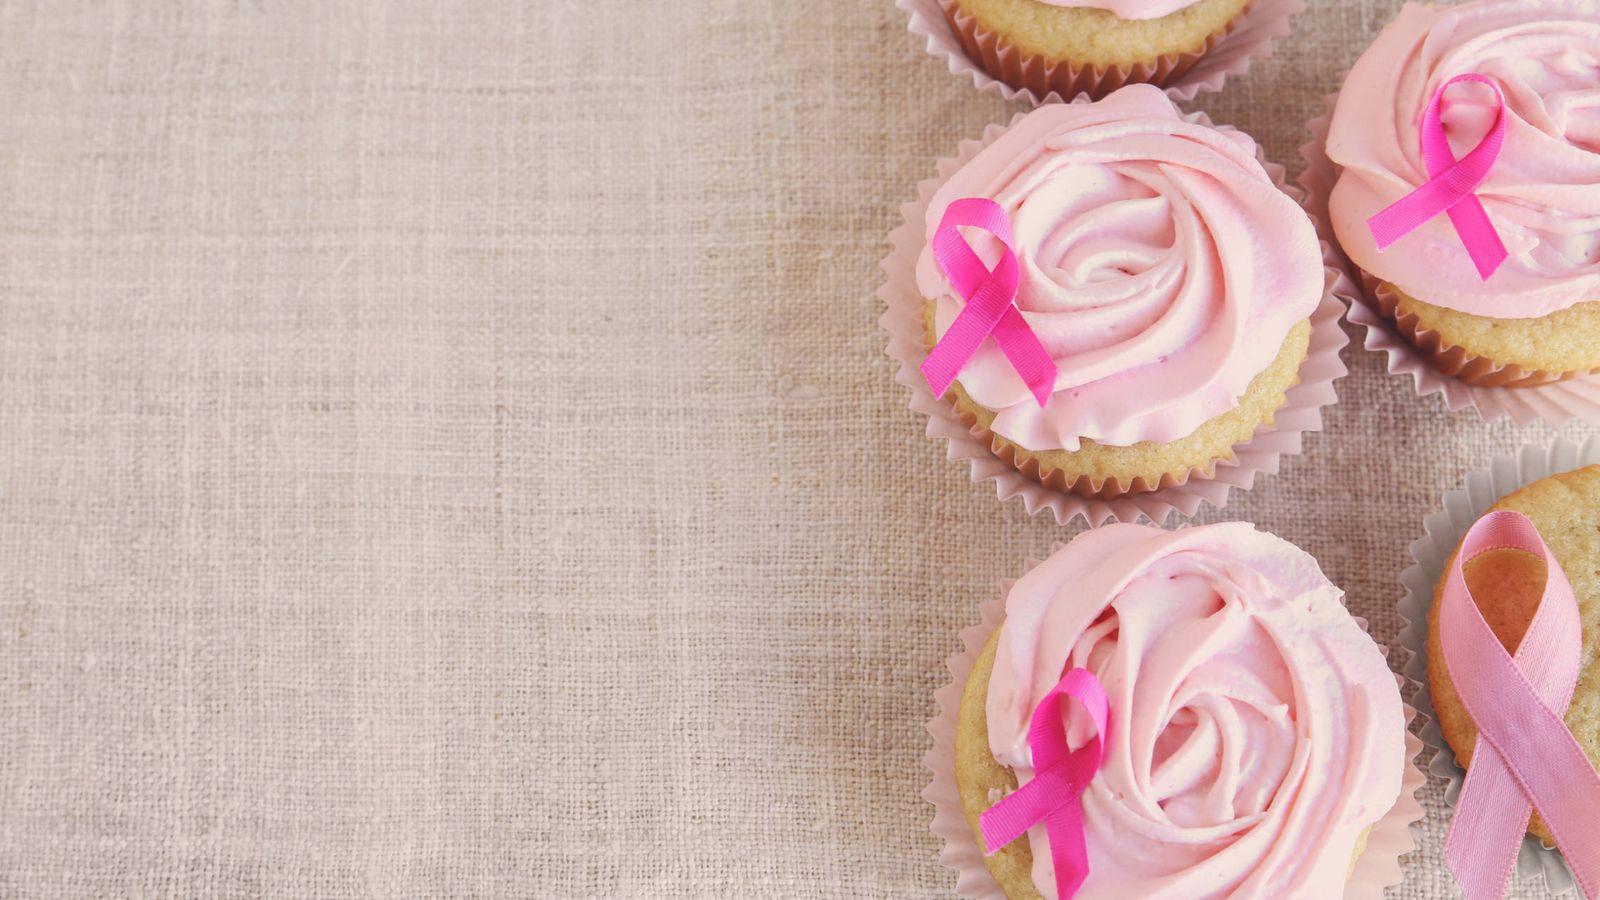 Foto: El exceso de calorías eleva el riesgo de cáncer de mama HER2 positivo. (iStock)